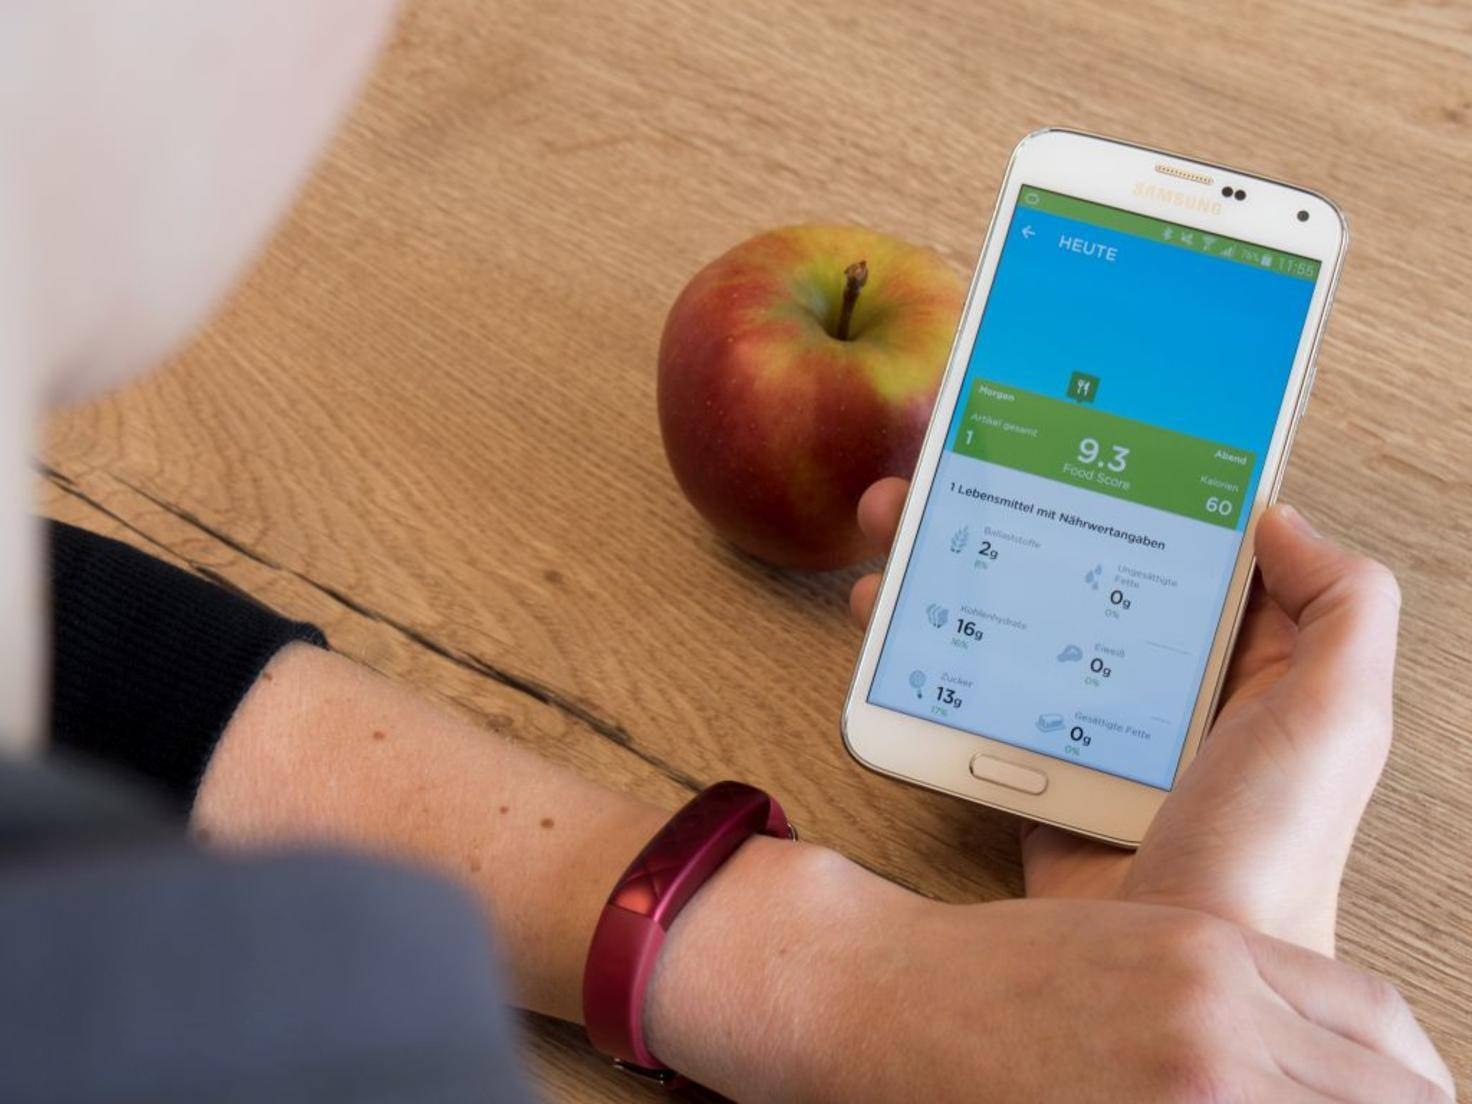 Die App zum Jawbone Up3 hilft auch bei einer gesünderen Ernährung.